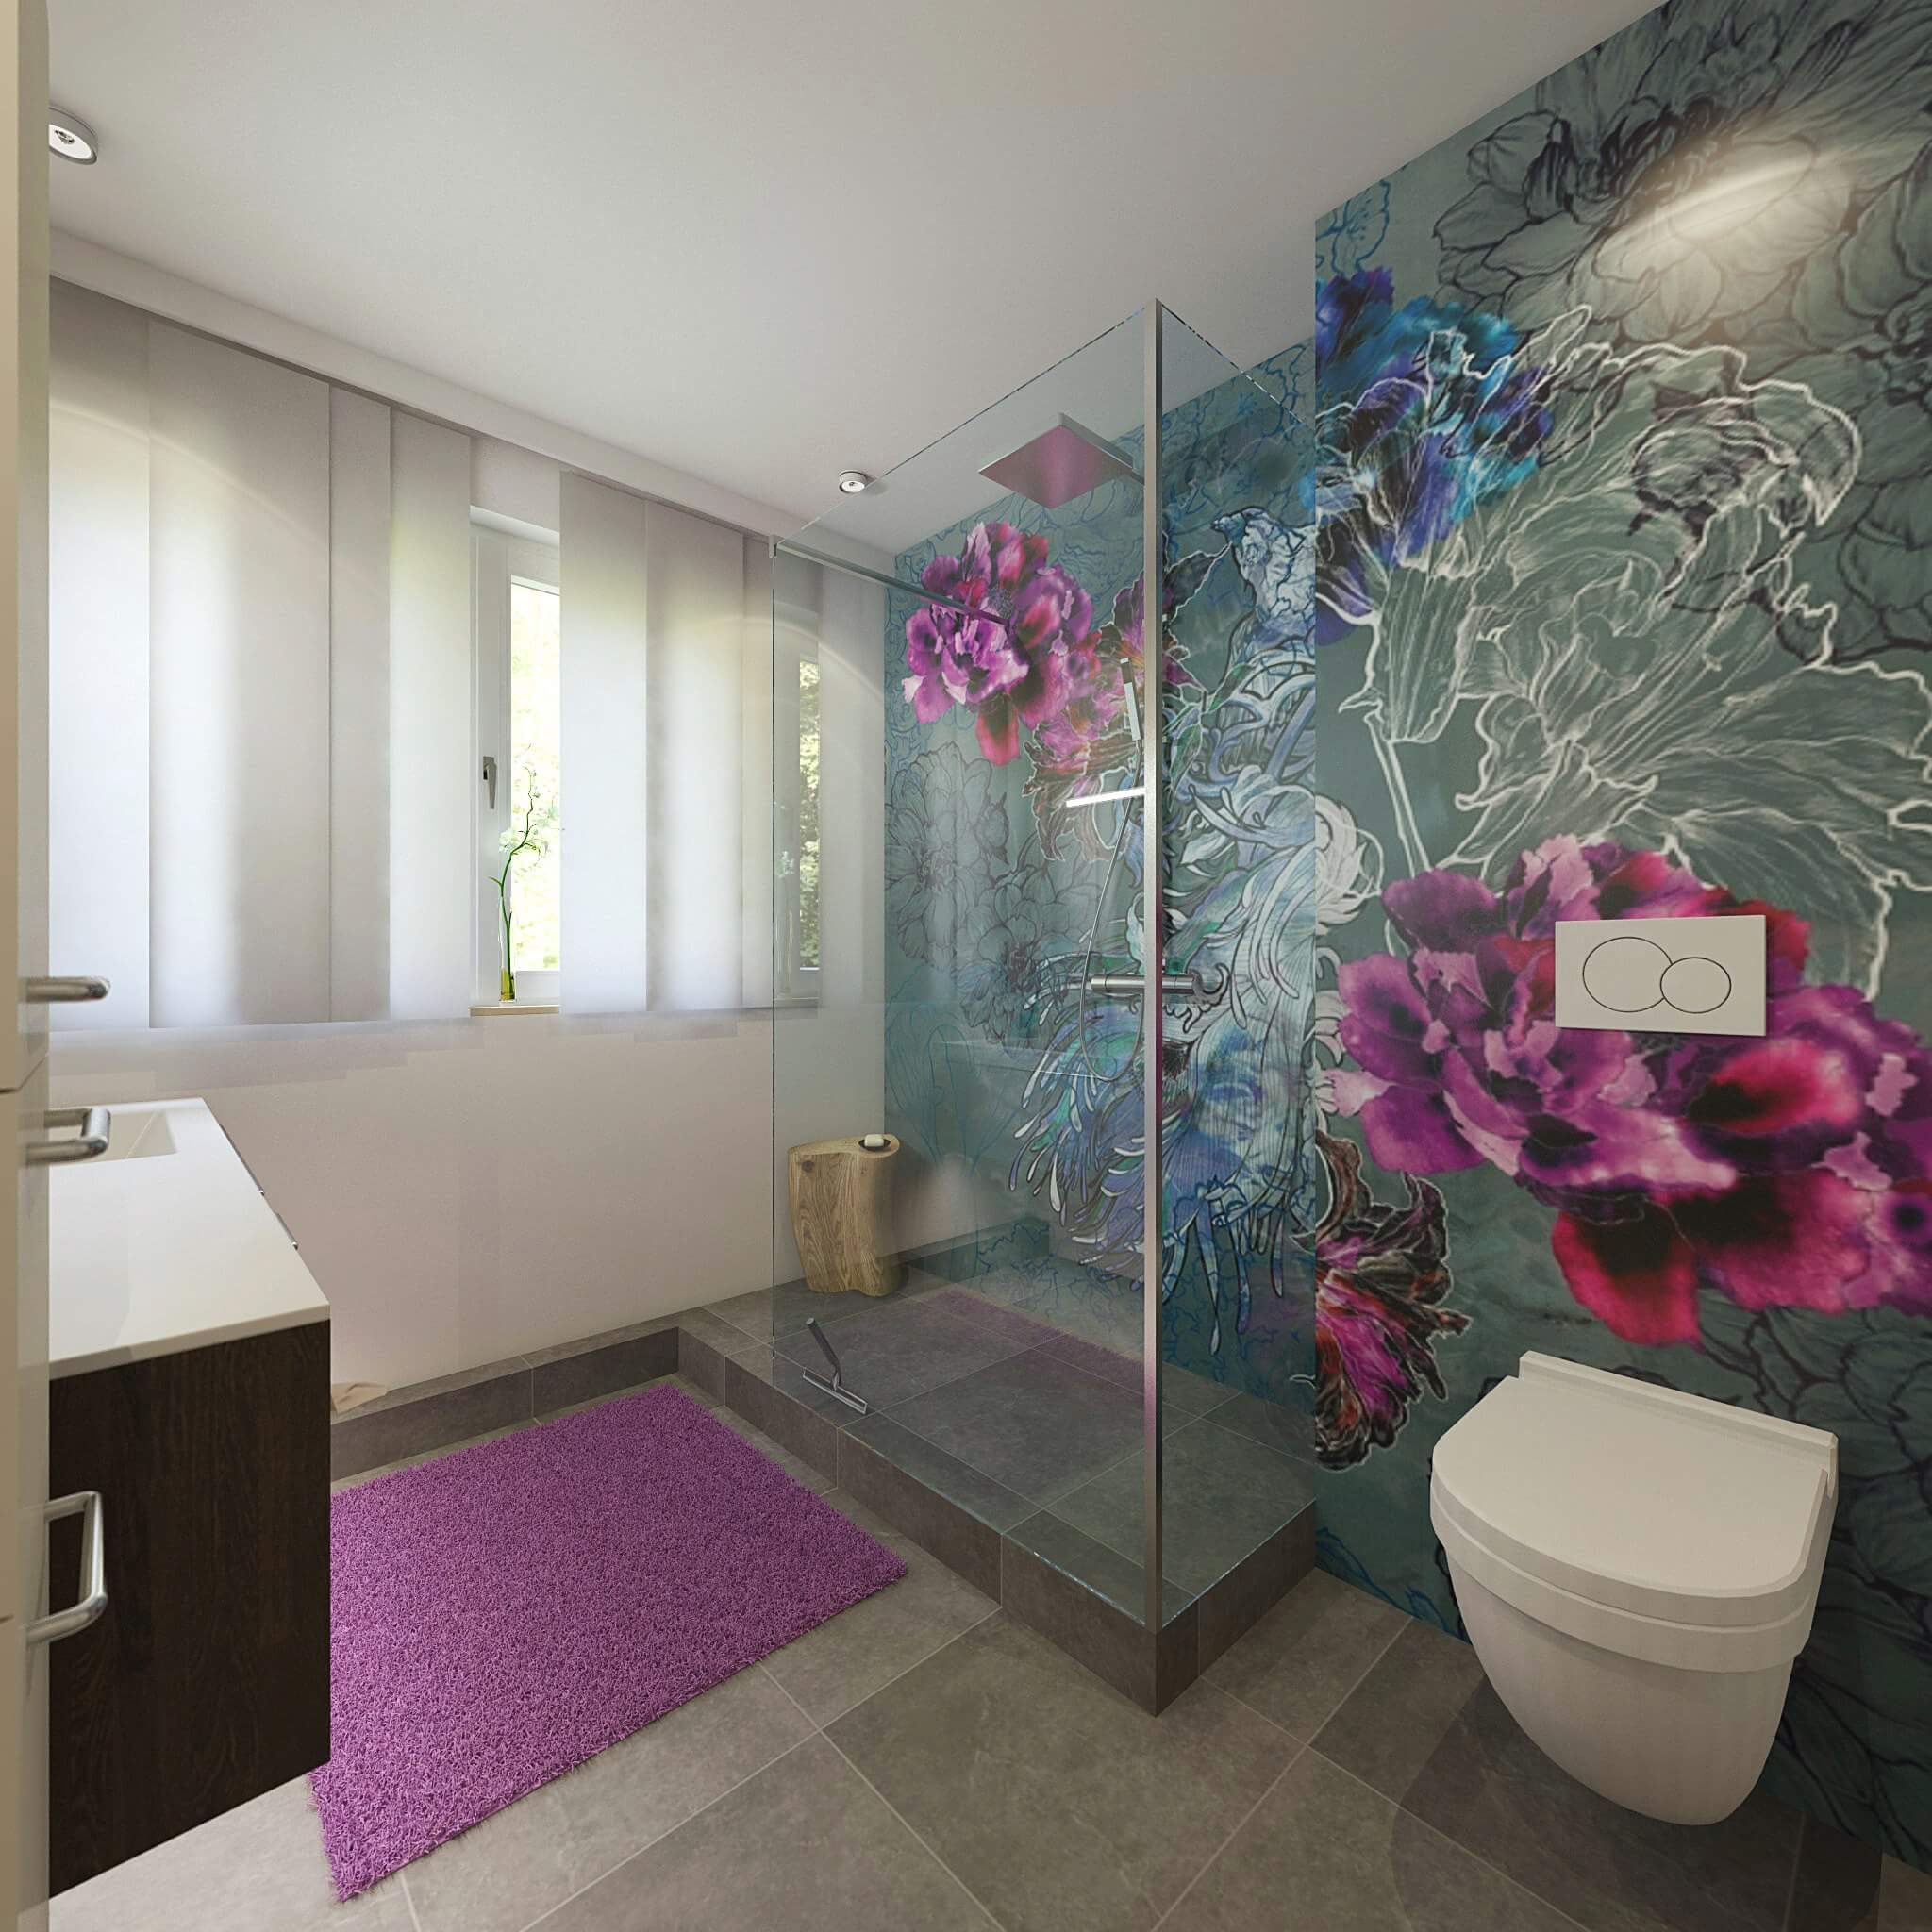 3D Architekturvisualisierungen für eine Badplanung individuell und fotorealistisch Ein 3D Artist, der die Innenraumvisualisierung beim Bad Gestalten übernimmt, ist stets an der Planung der Konzepte für Wohnideen beteiligt. Der Spa und Wohnexperte und Badplaner Torsten Müller kooperiert bei der Badezimmergestaltung mit Experten, die eine Badezimmer Visualisierung des signifikanten +Design by Torsten Müller ermöglichen. Die Experten für die Innenraumvisualisierung verfügen über Erfahrungen im Produktdesign, Badzubehör Design, Badeinrichtung und Badezimmergestaltung. Die Grundrisse für minimalistische Bäder oder der Design Badewanne werden professionell erfasst und in führenden Programmen für die Spa Visualisierung, wie PaletteCAD, V-Ray oder Photoshop umgesetzt. Egal ob Designbäder, mediterrane Bäder, kleine Luxusbäder oder moderne Traumbäder – Ein Experte für Badezimmer Visualisierung belebt die Wohnideen des Baddesigner und erweckt die Badezimmergestaltung im Designerbad zum Leben.